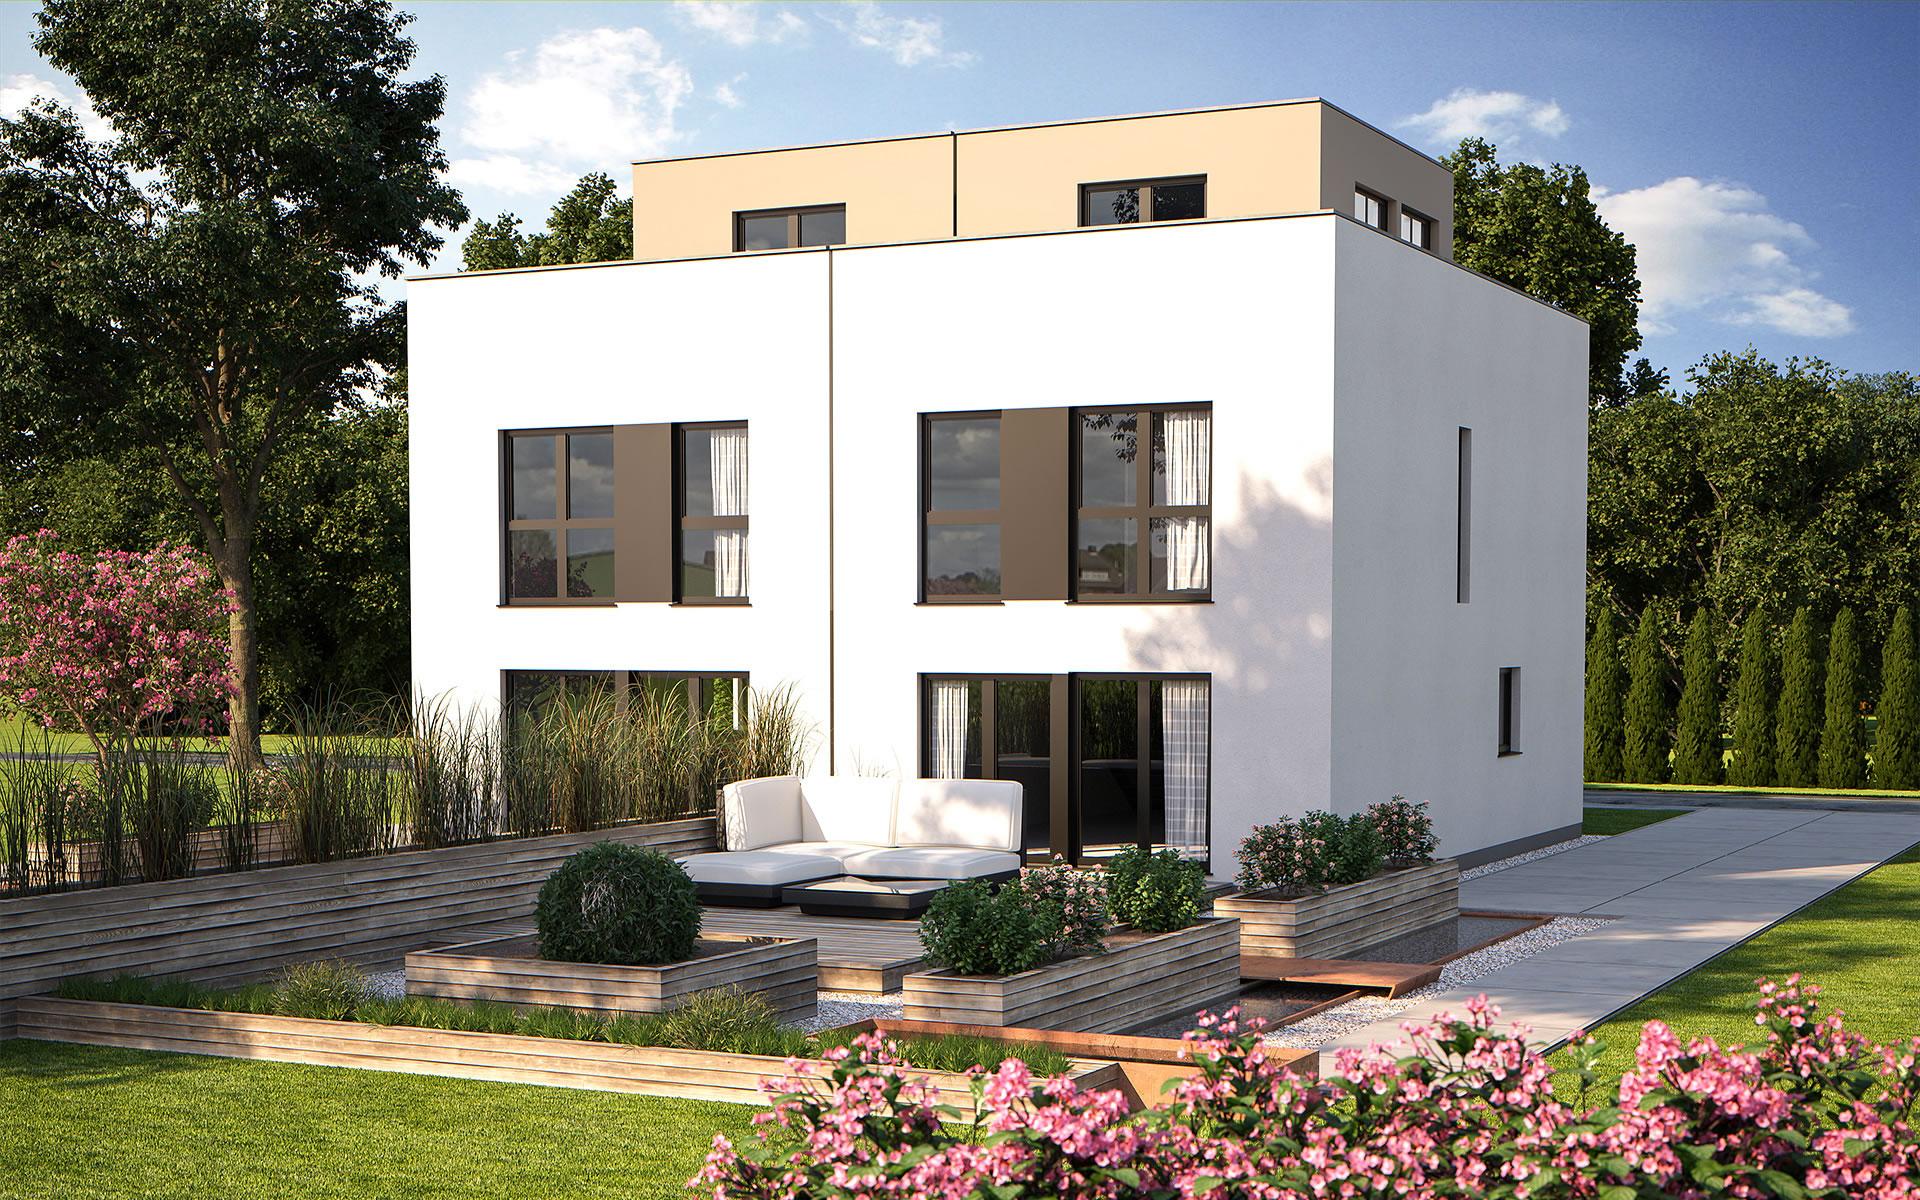 Duo 160 von Bärenhaus - das fertige Haus GmbH